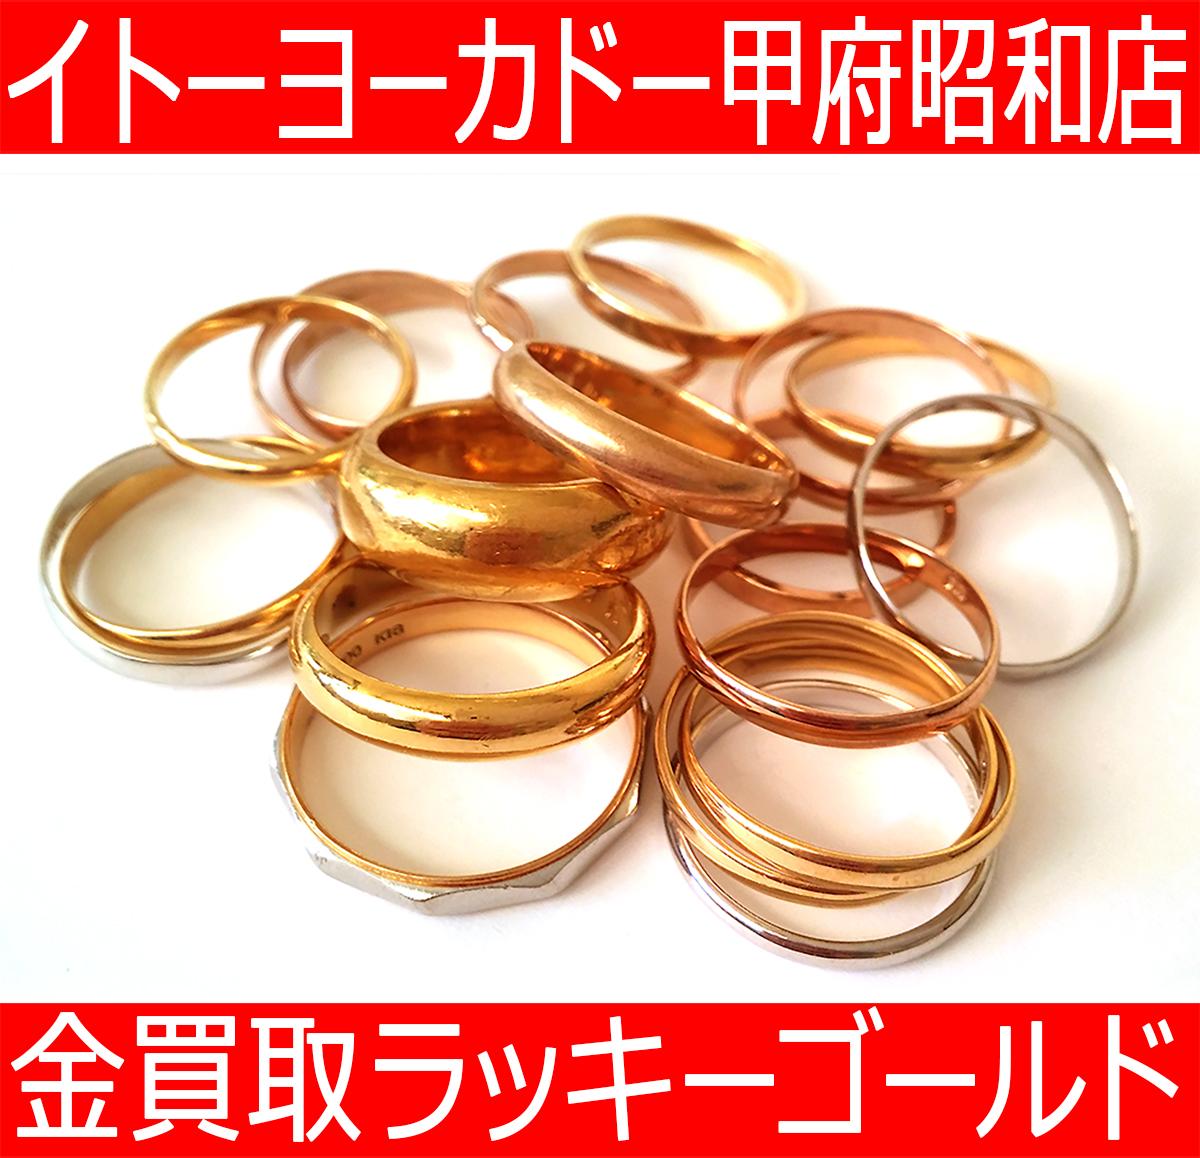 宝石の買取店 結婚指輪 買取 おすすめ